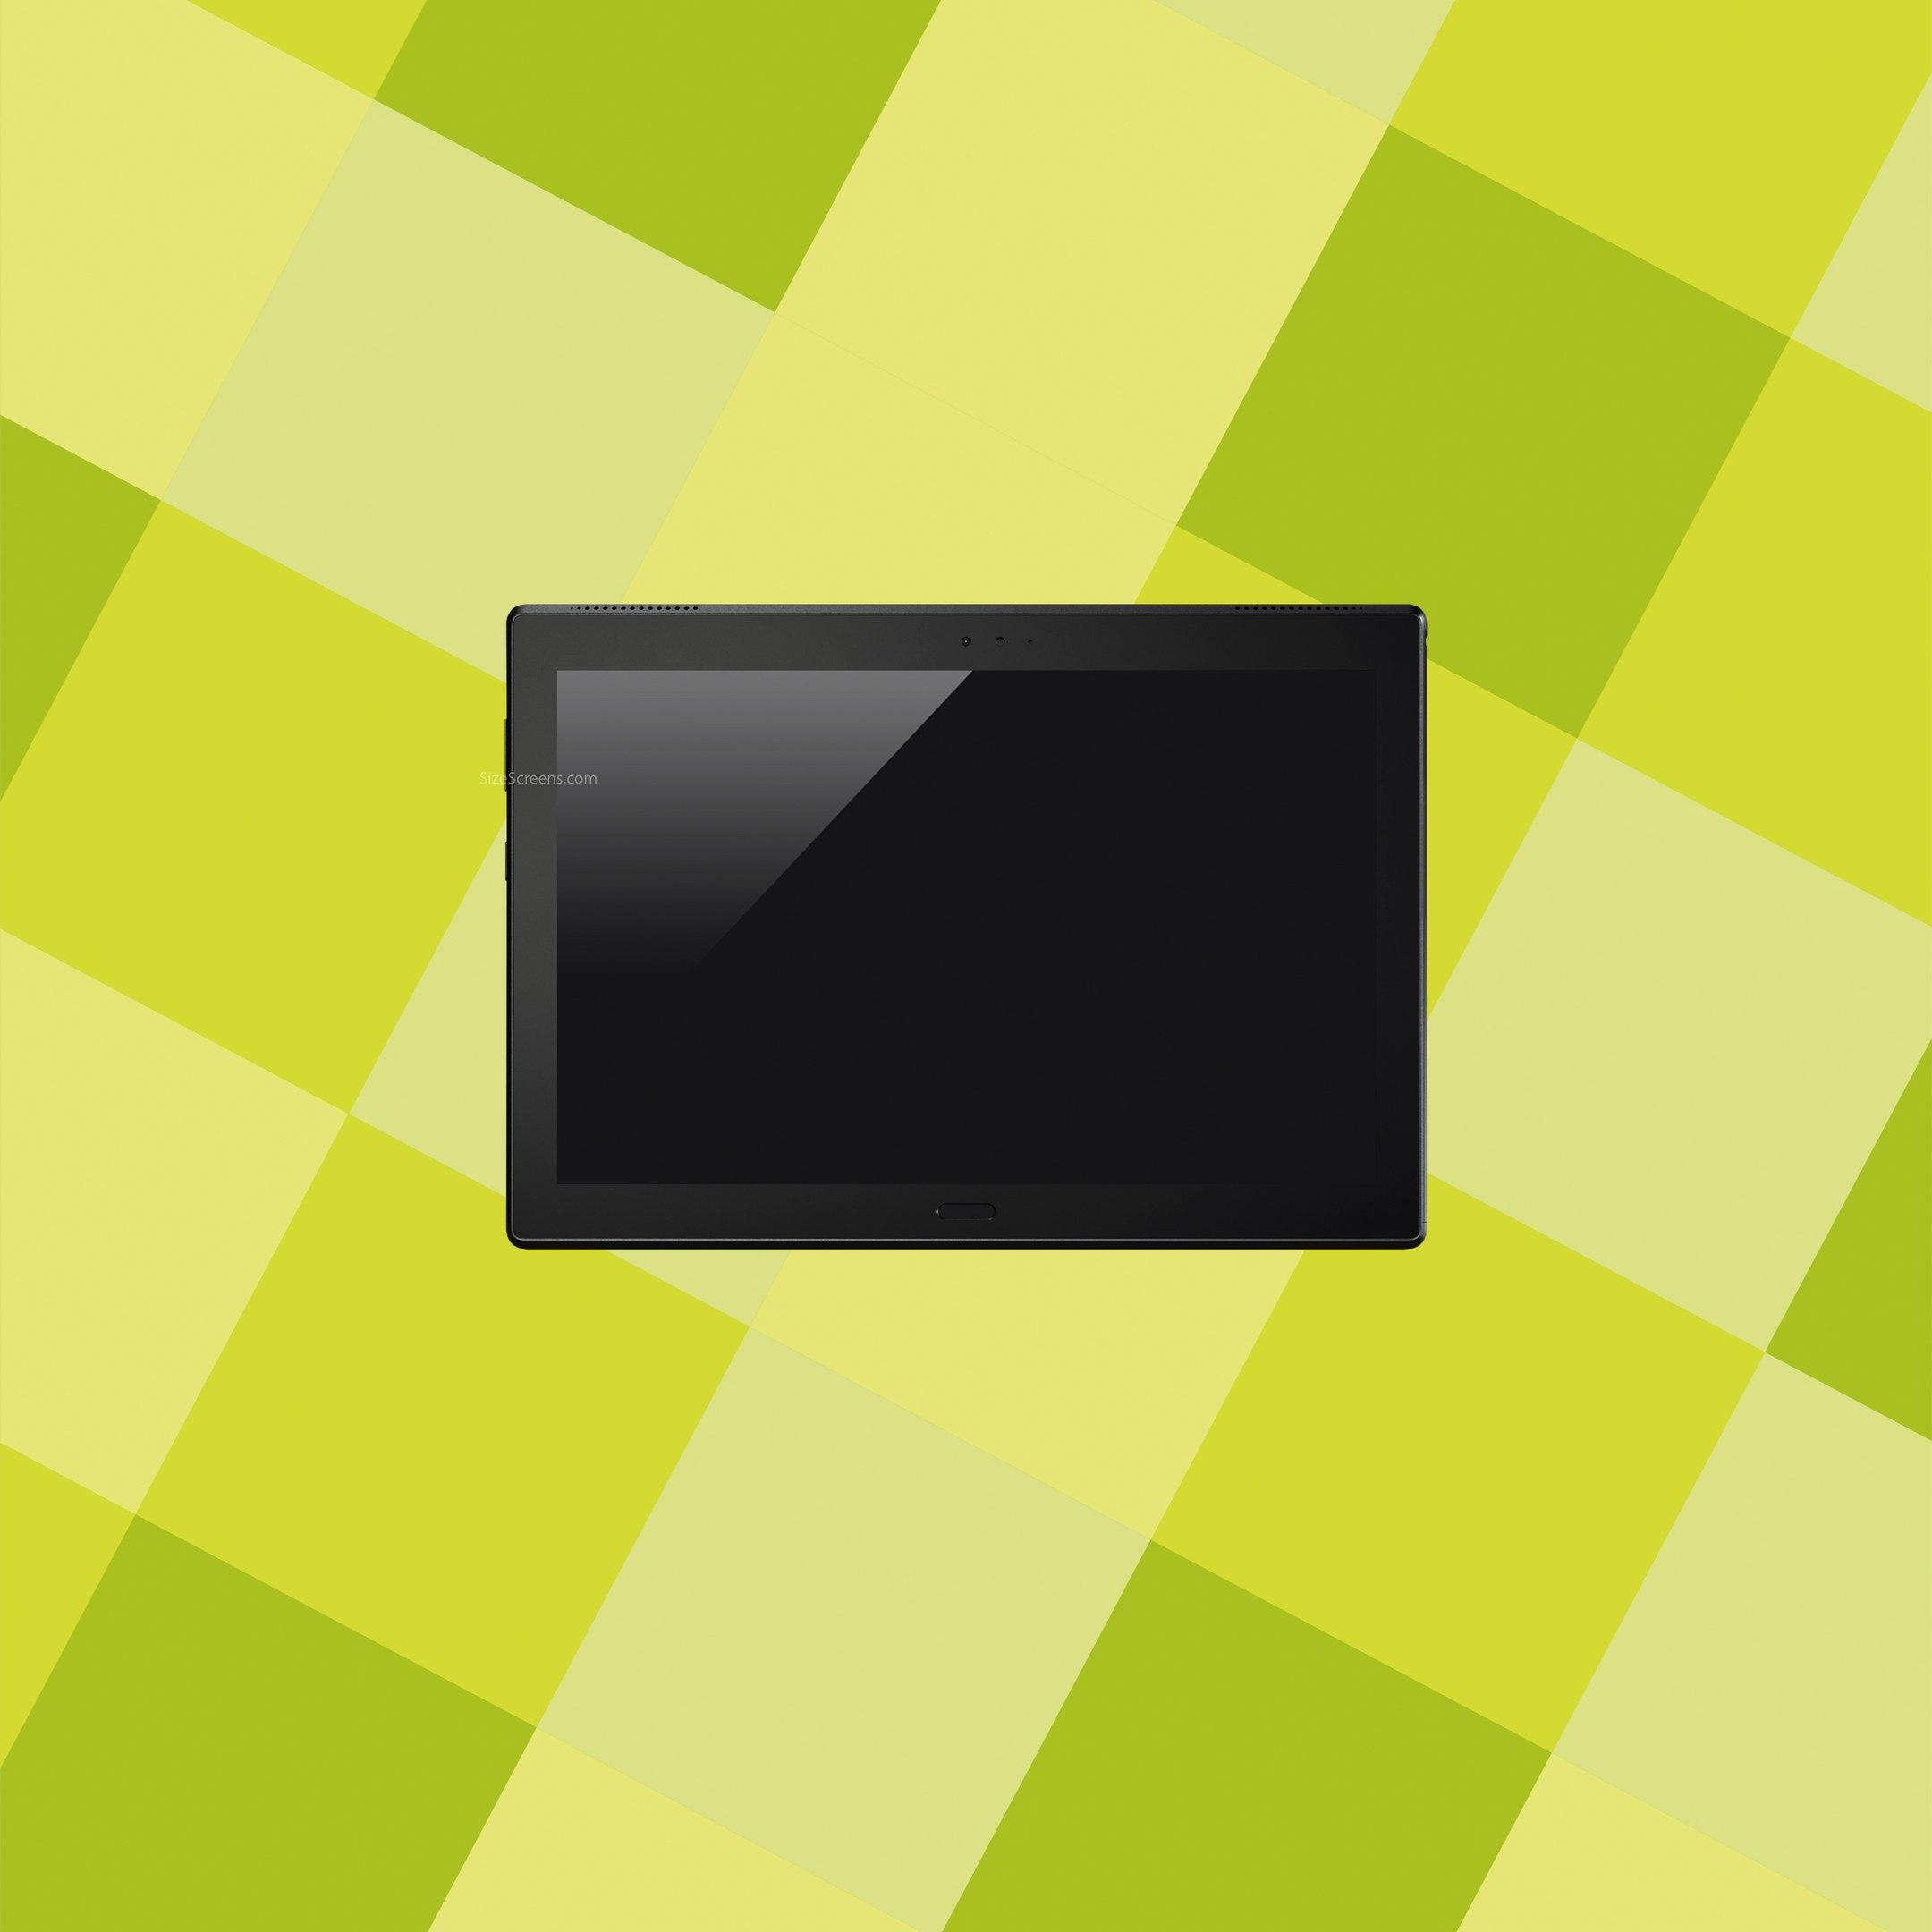 Lenovo Tab 4 10 Screen • SizeScreens.com